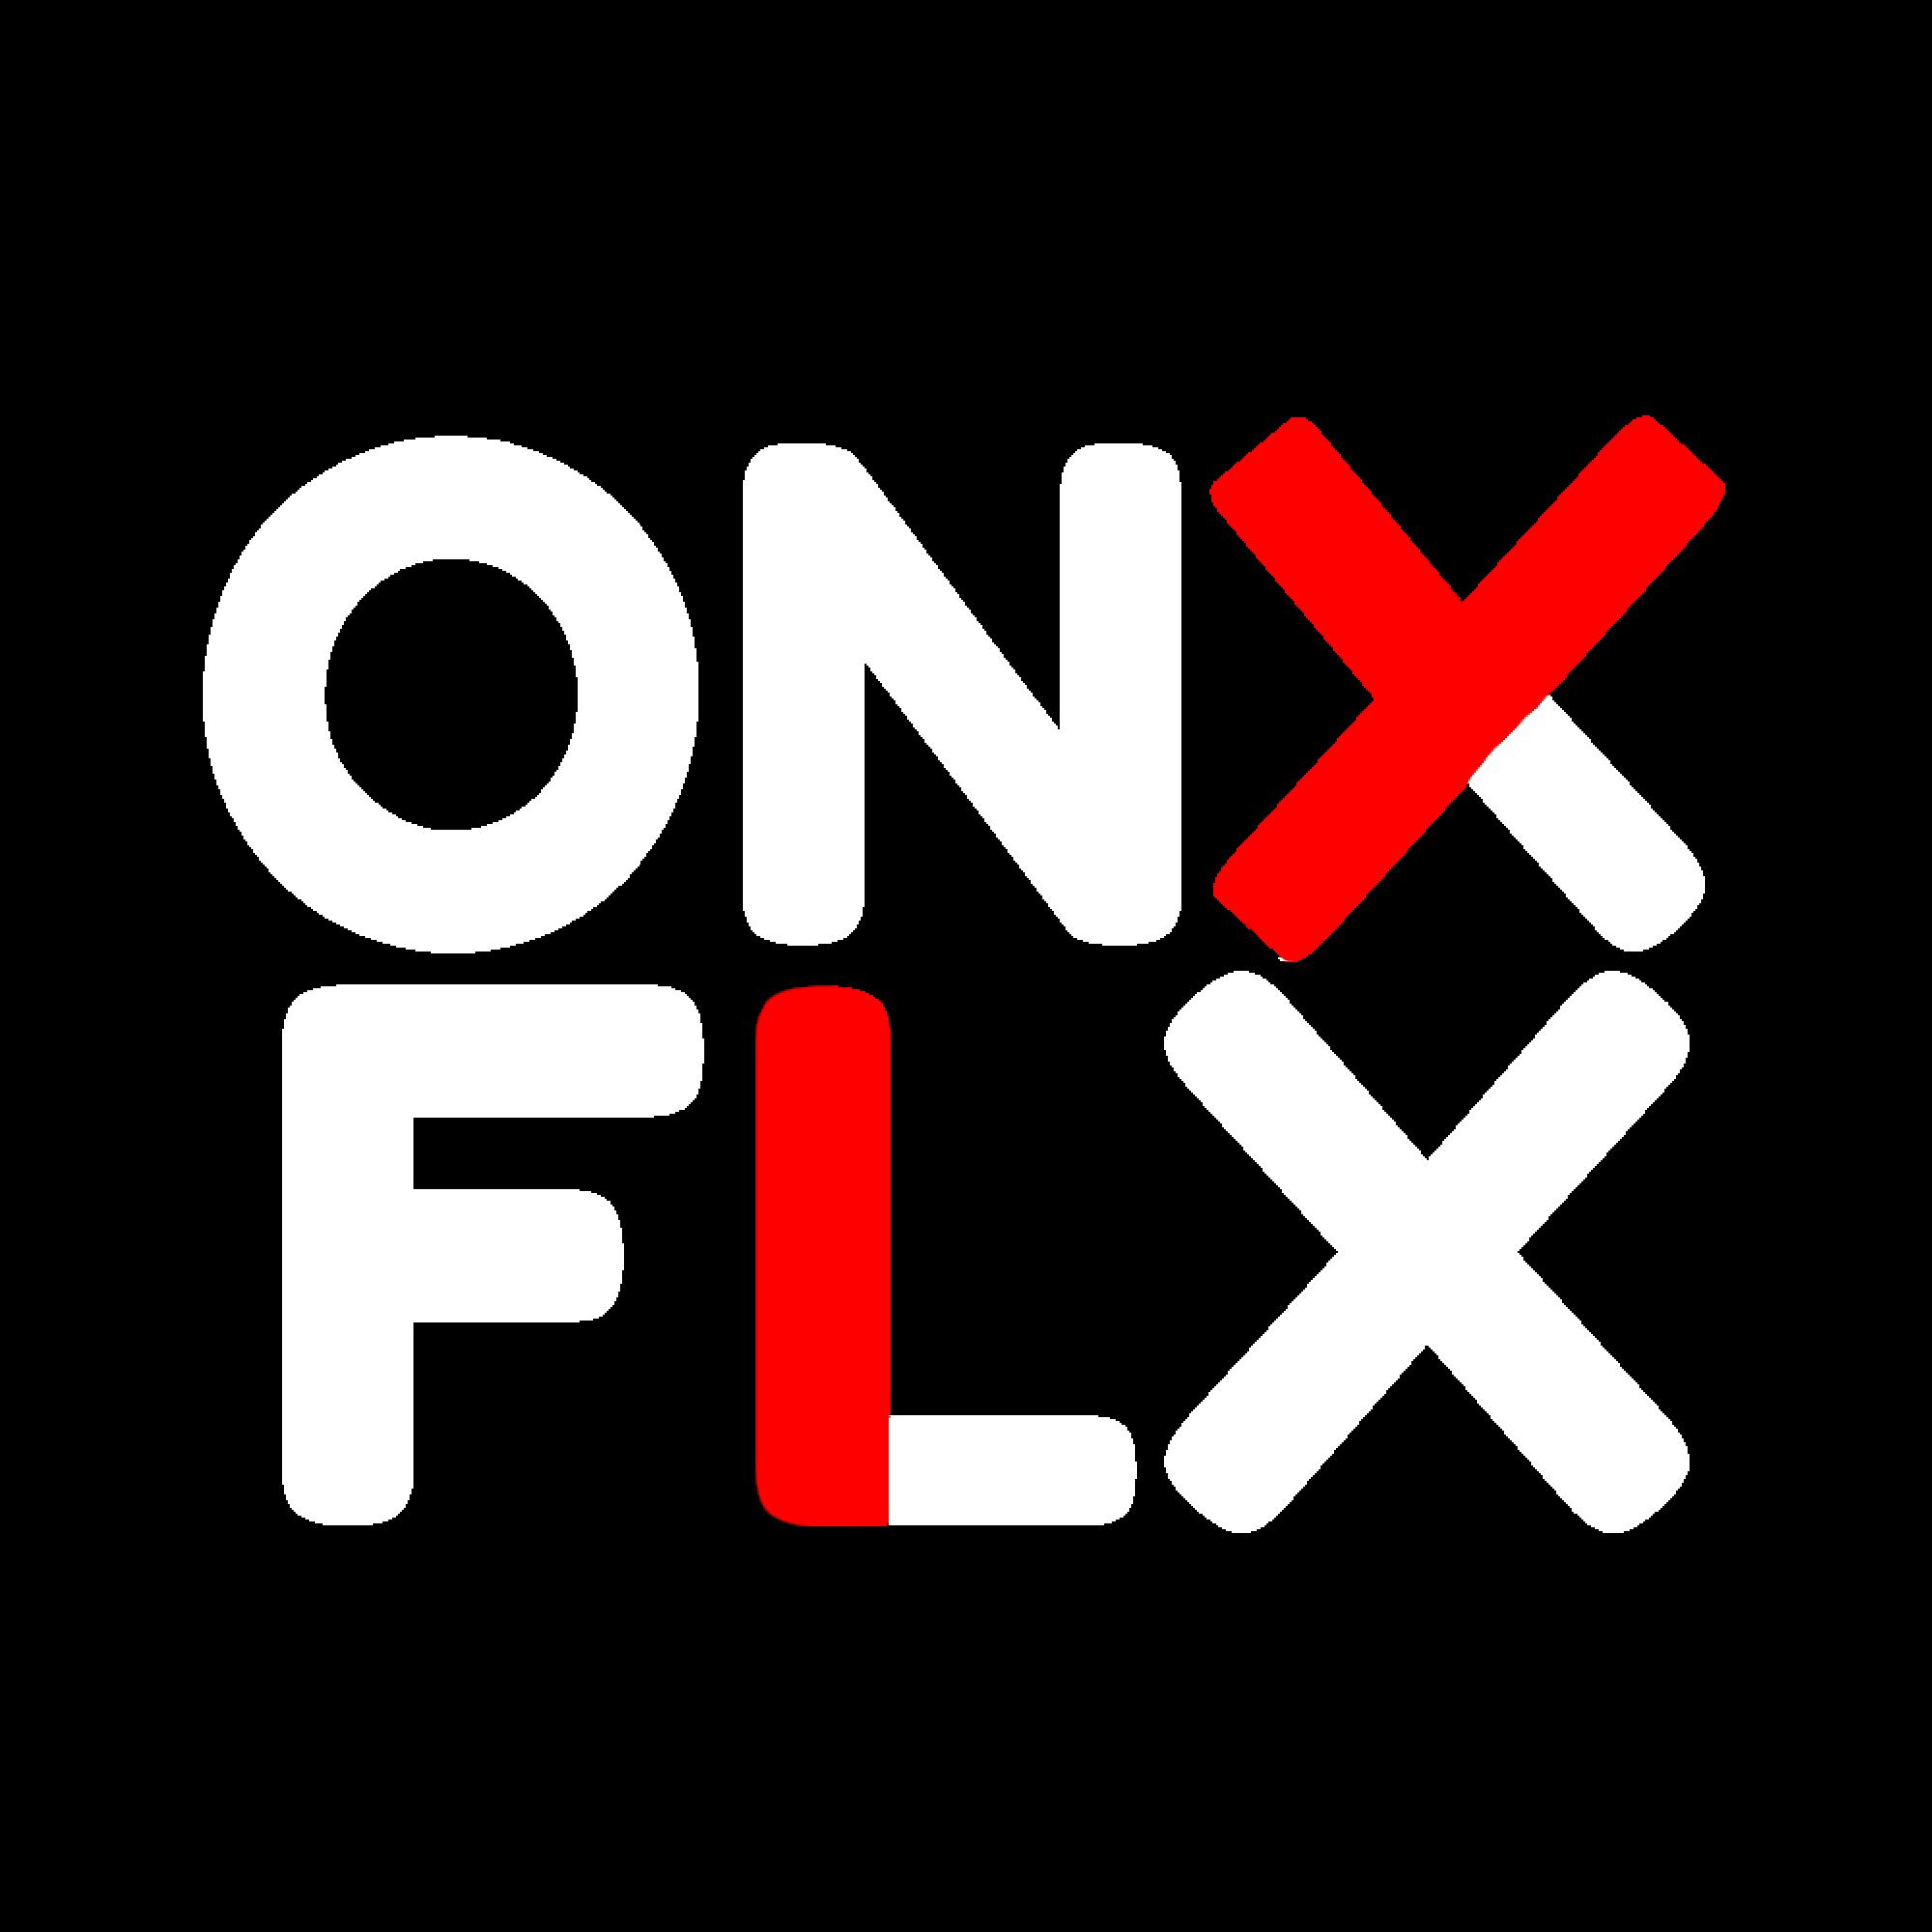 Onyx Flix